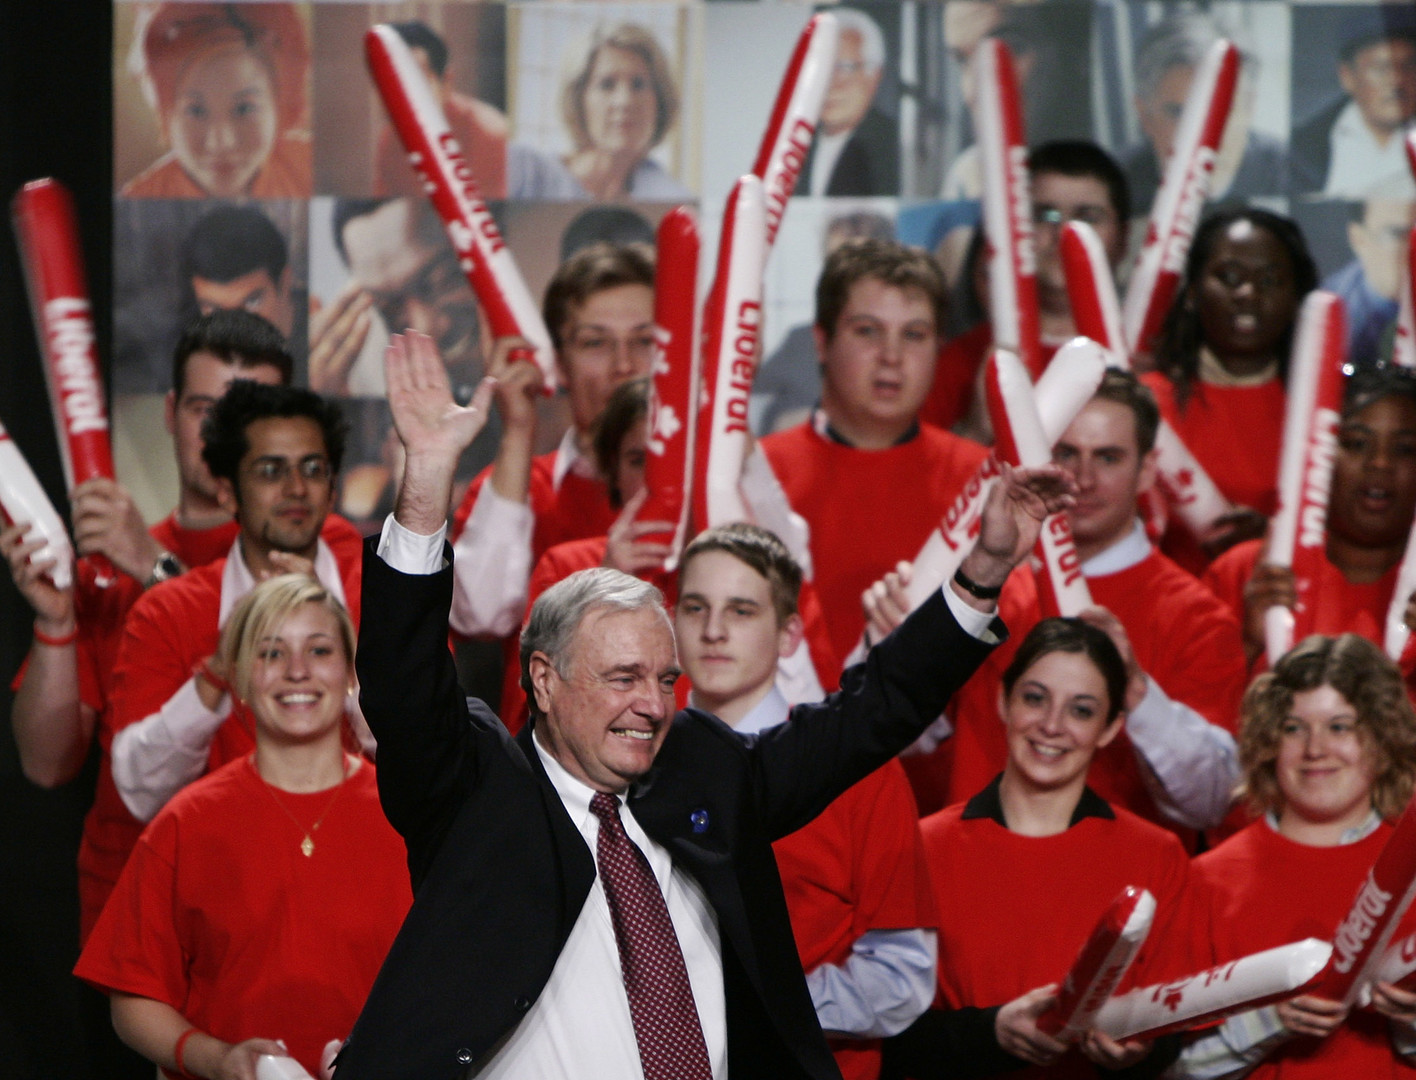 Les sondages n'avaient pas prévu la large victoire du Premier ministre Paul Martin à l'époque.